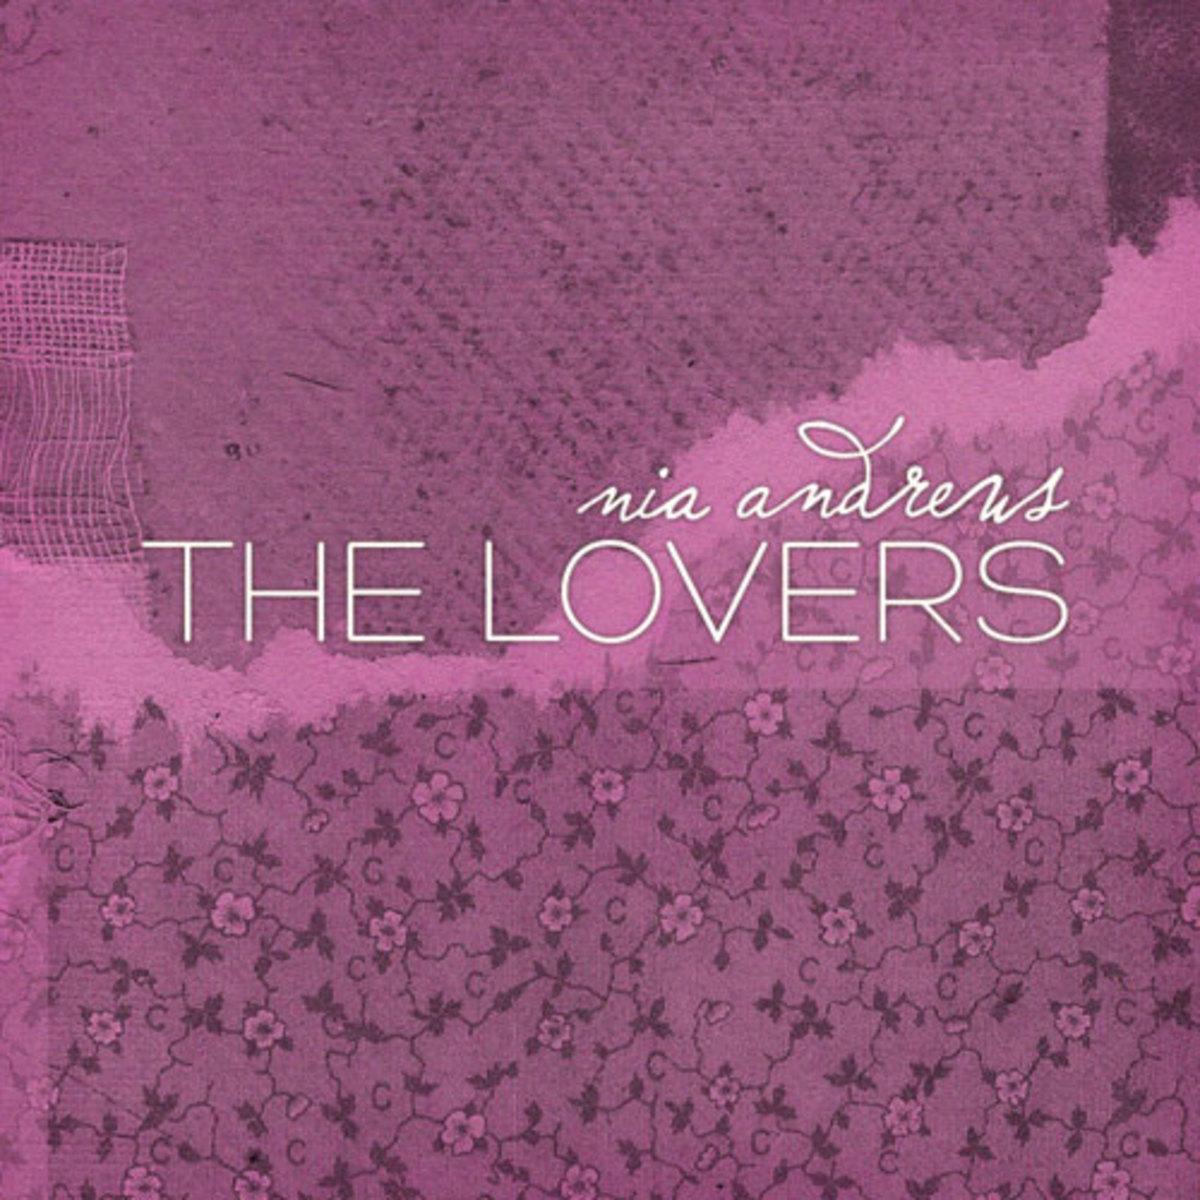 niaandrews-thelovers.jpg